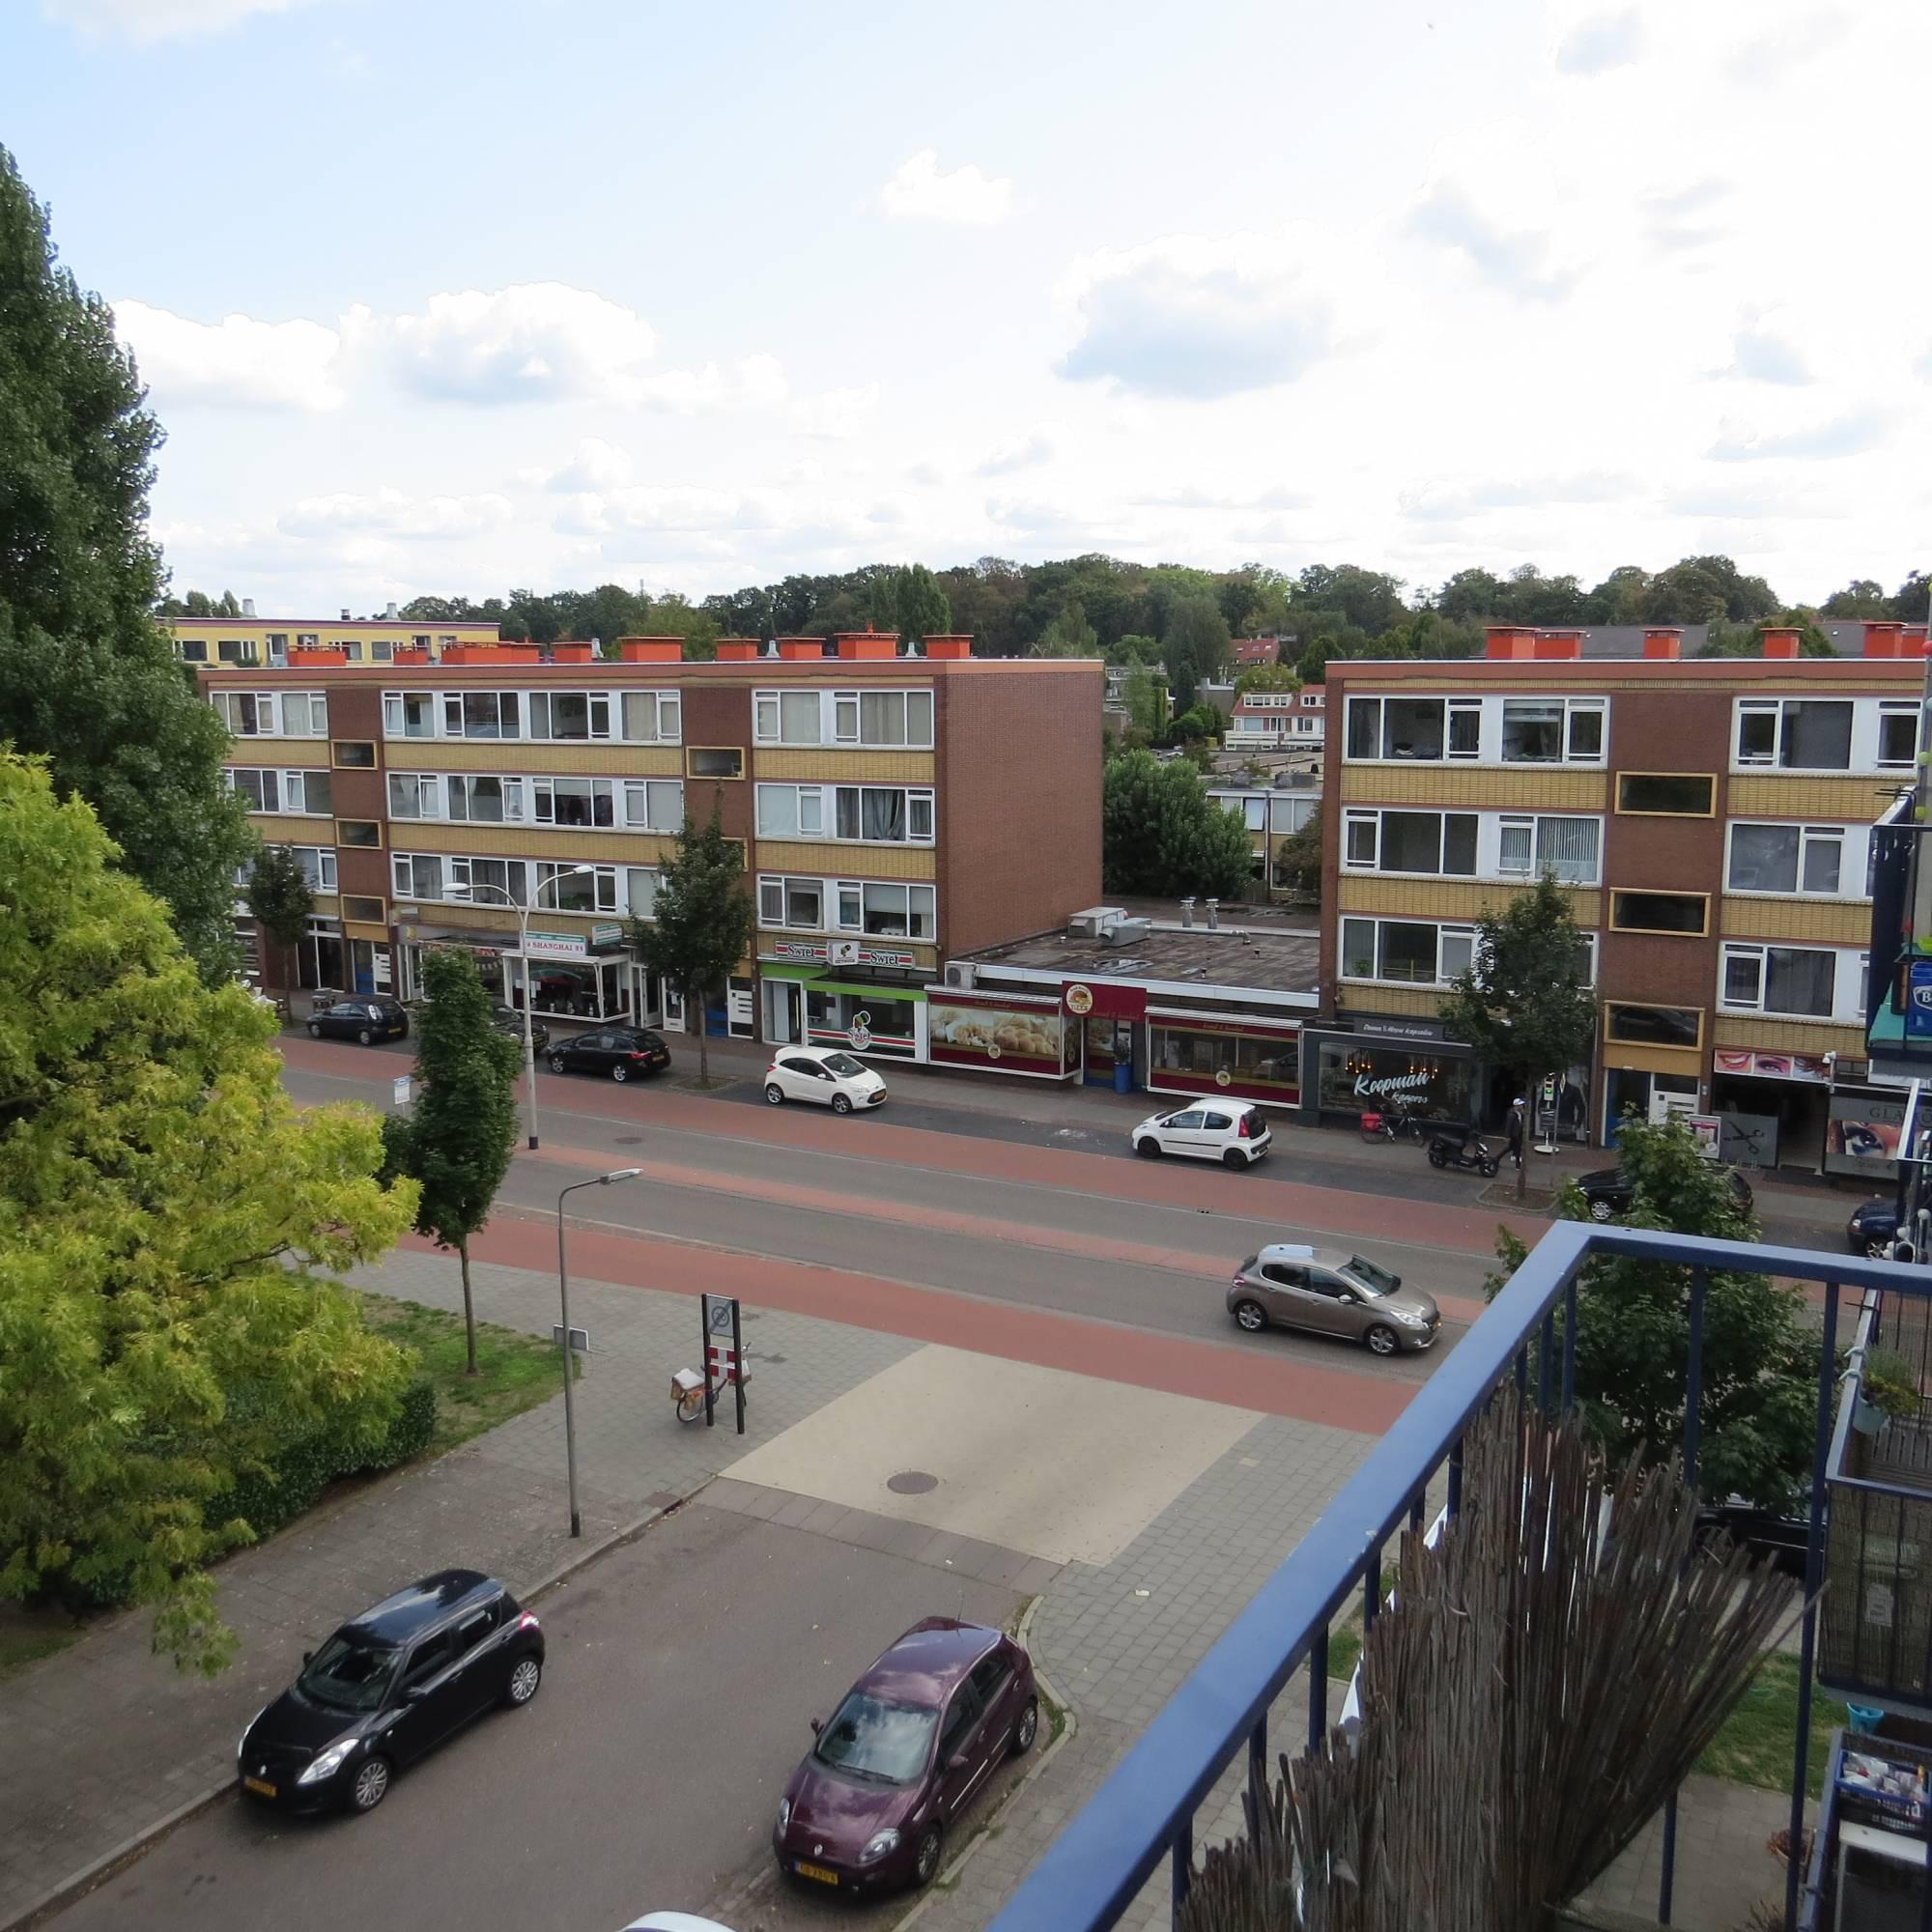 Maanstraat, Nijmegen